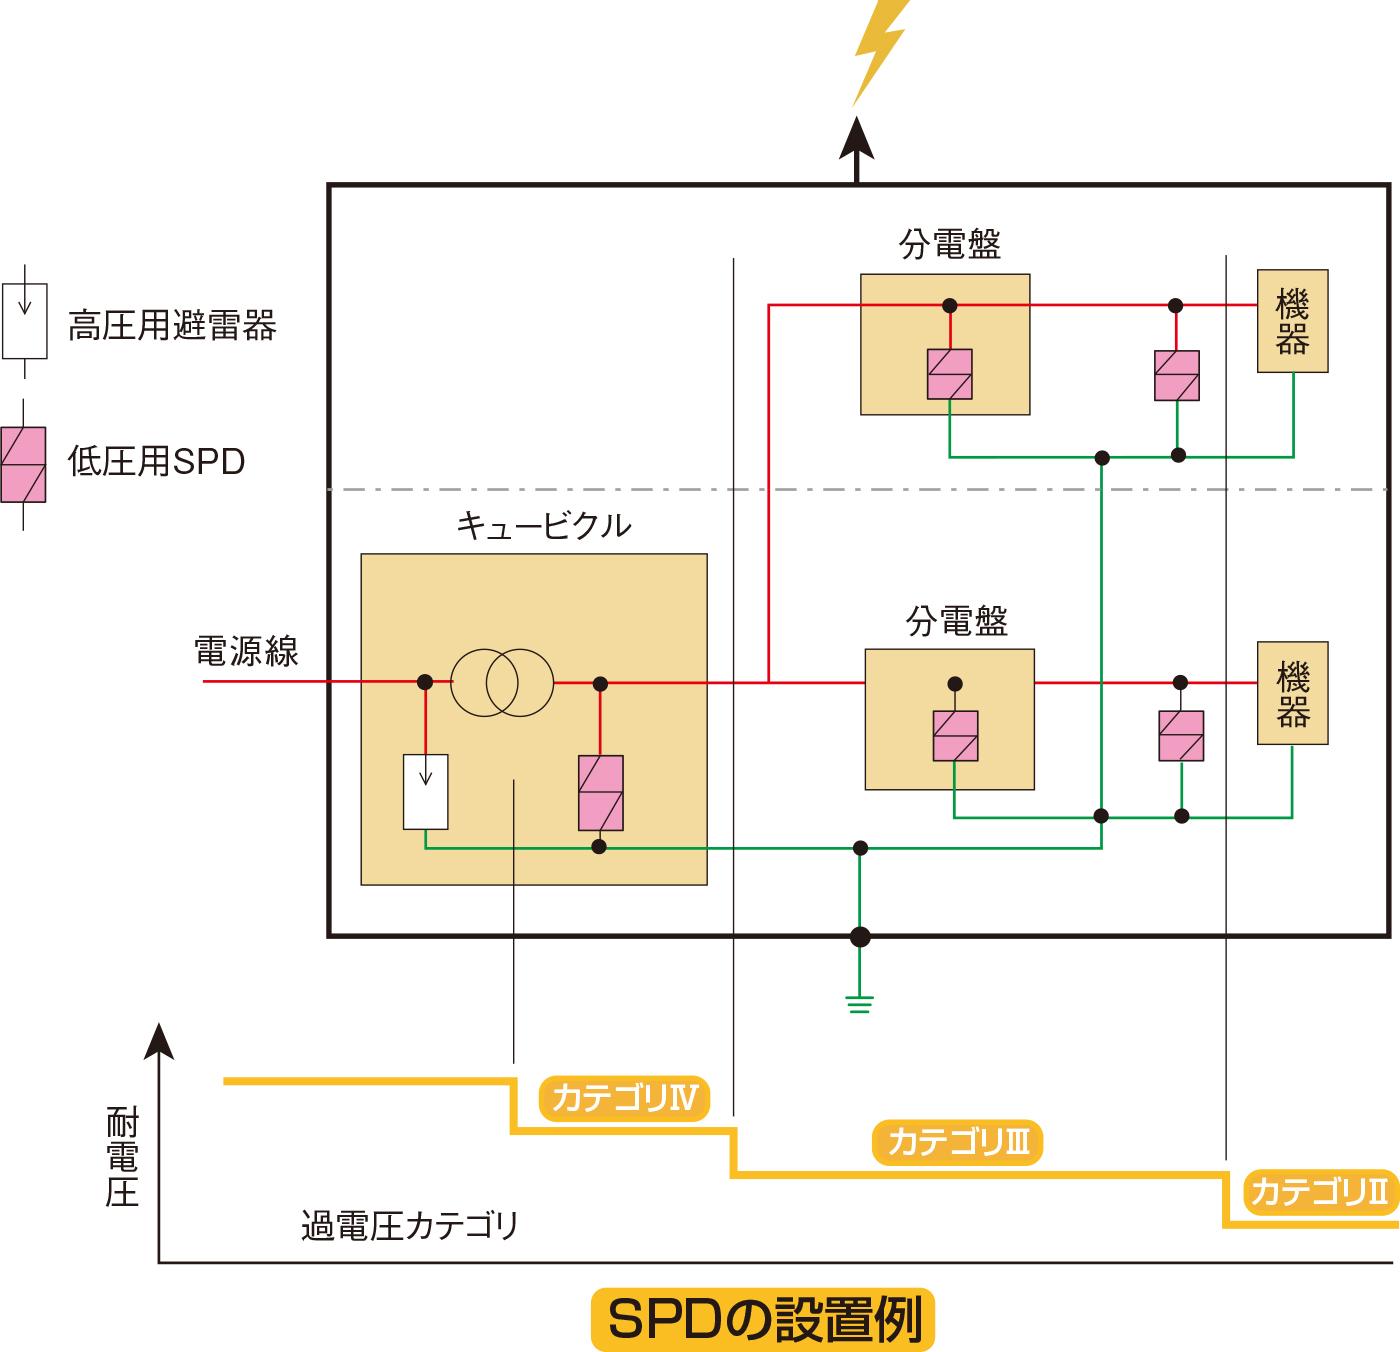 電気及び電子システムの保護にはSPDを